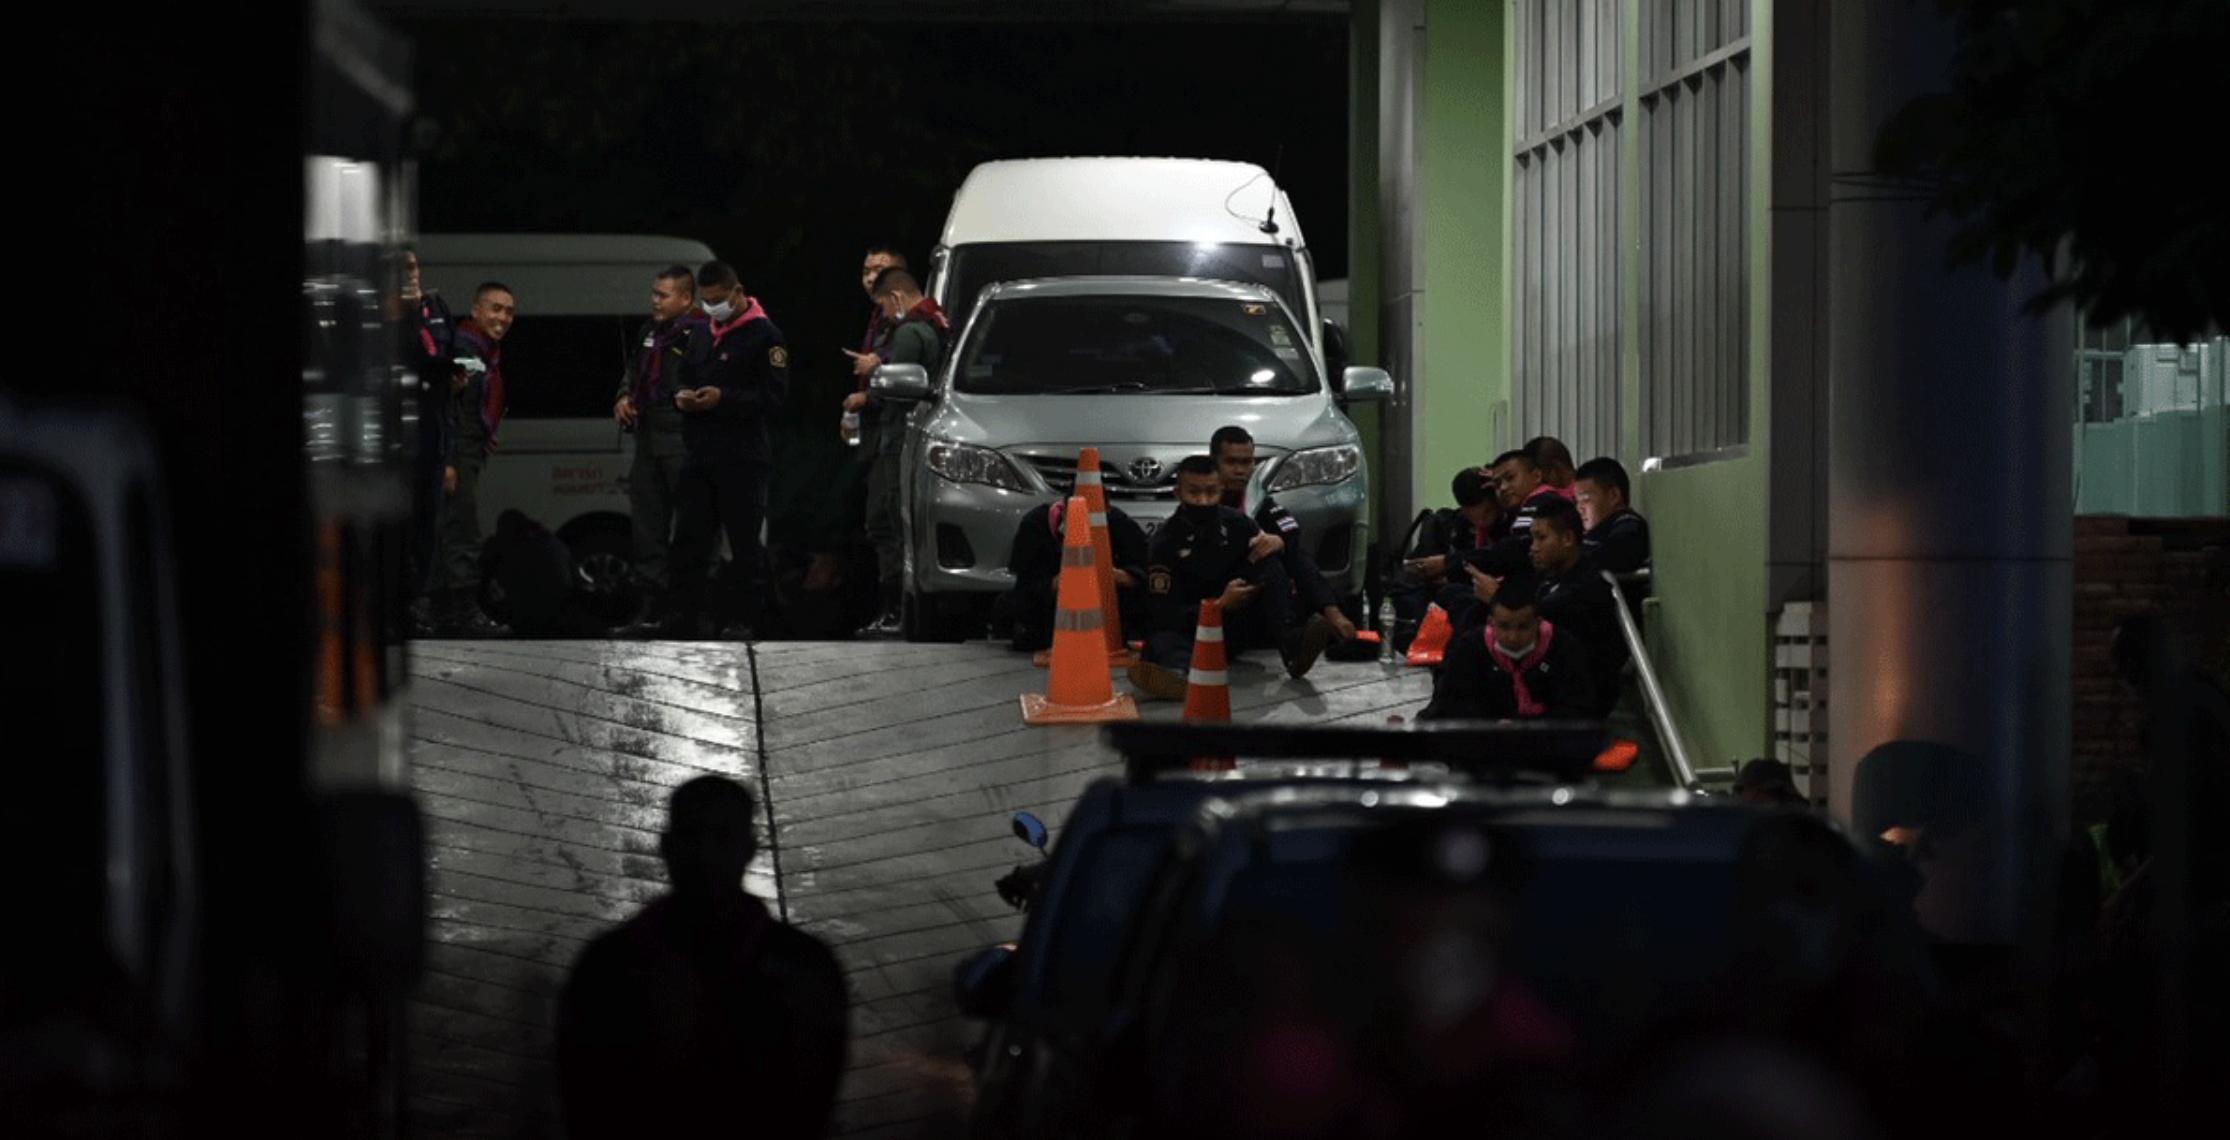 ตำรวจเตรียมพร้อมดูแลความปลอดภัยม็อบอนุสาวรีย์ชัย